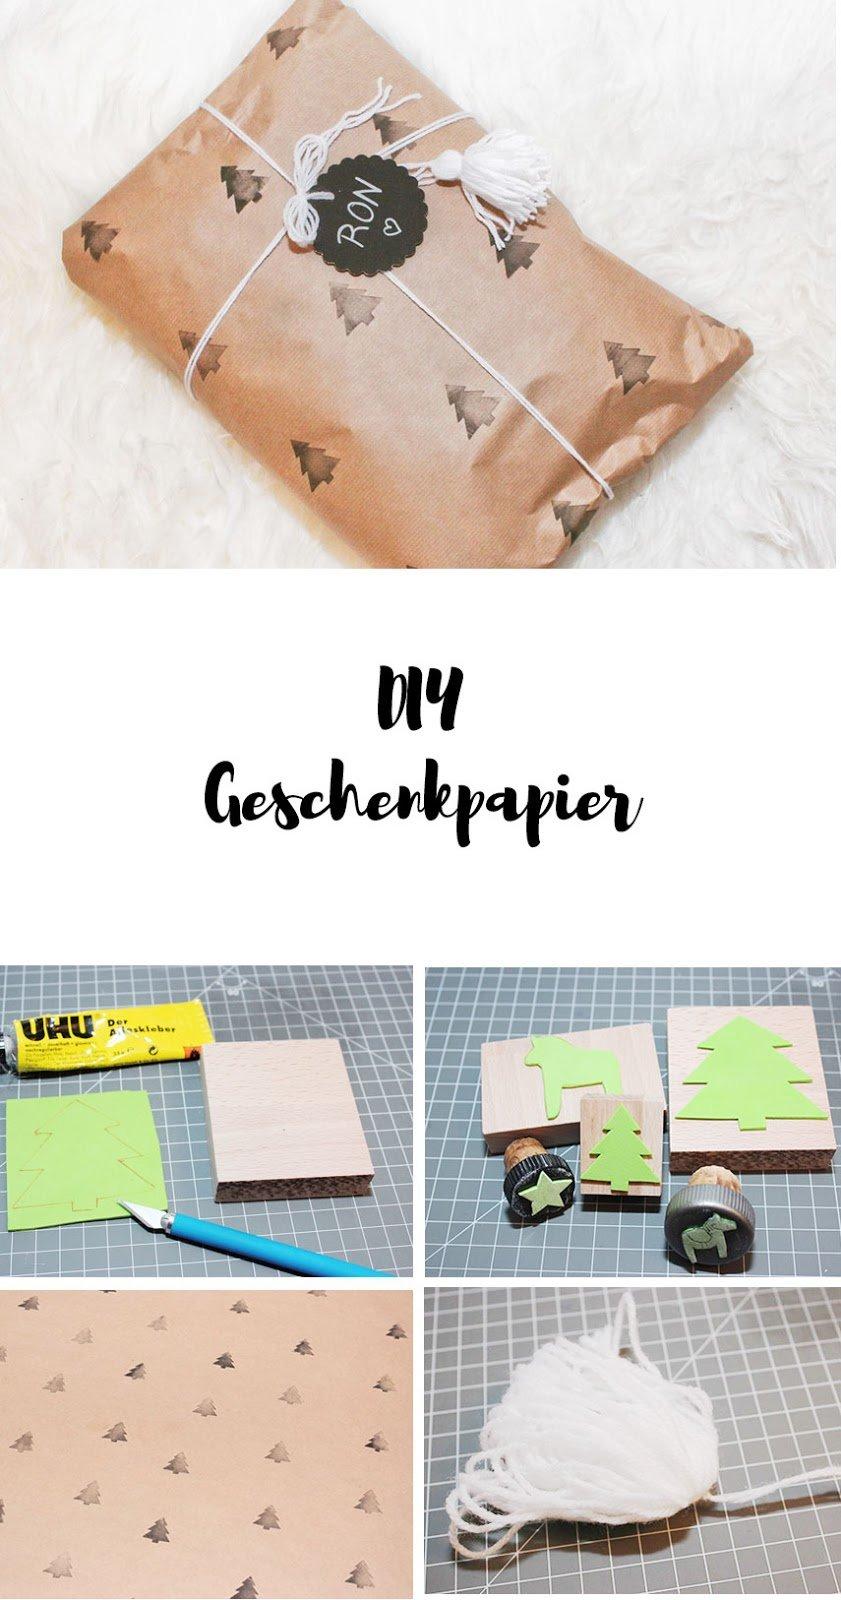 DIY Geschenkpapier aus Packpapier mit Stempeln